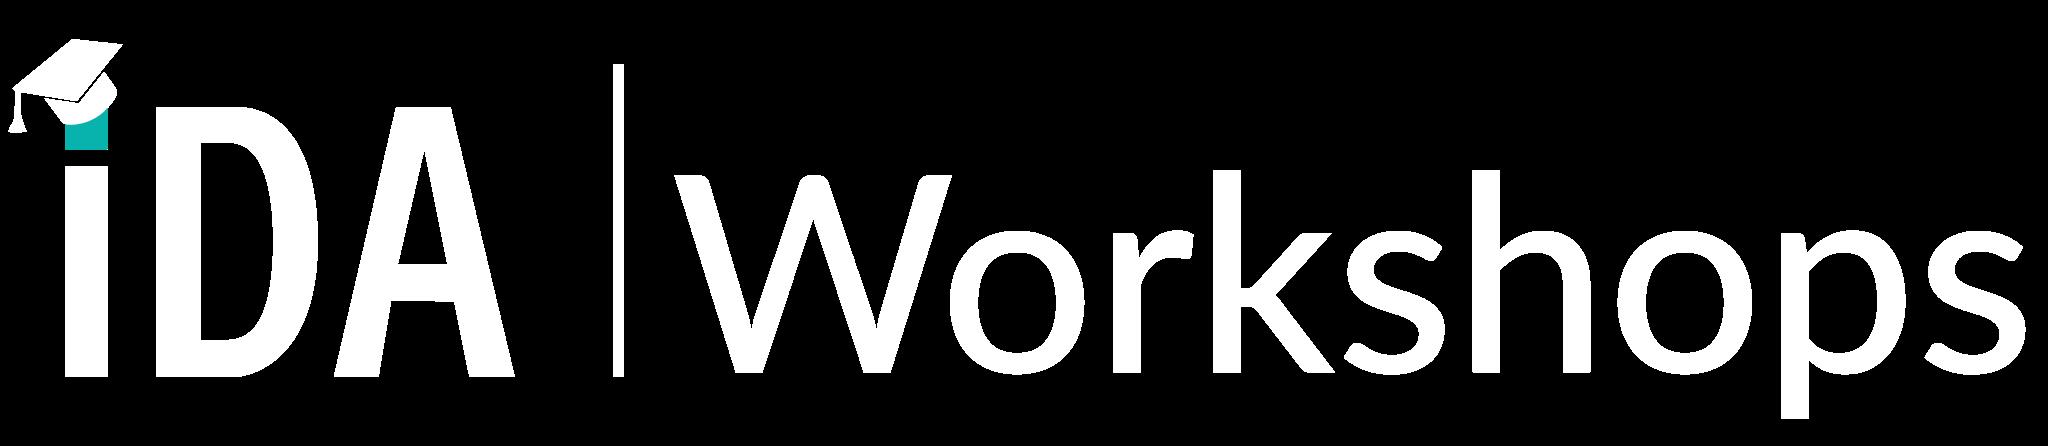 Workshops negativ-01